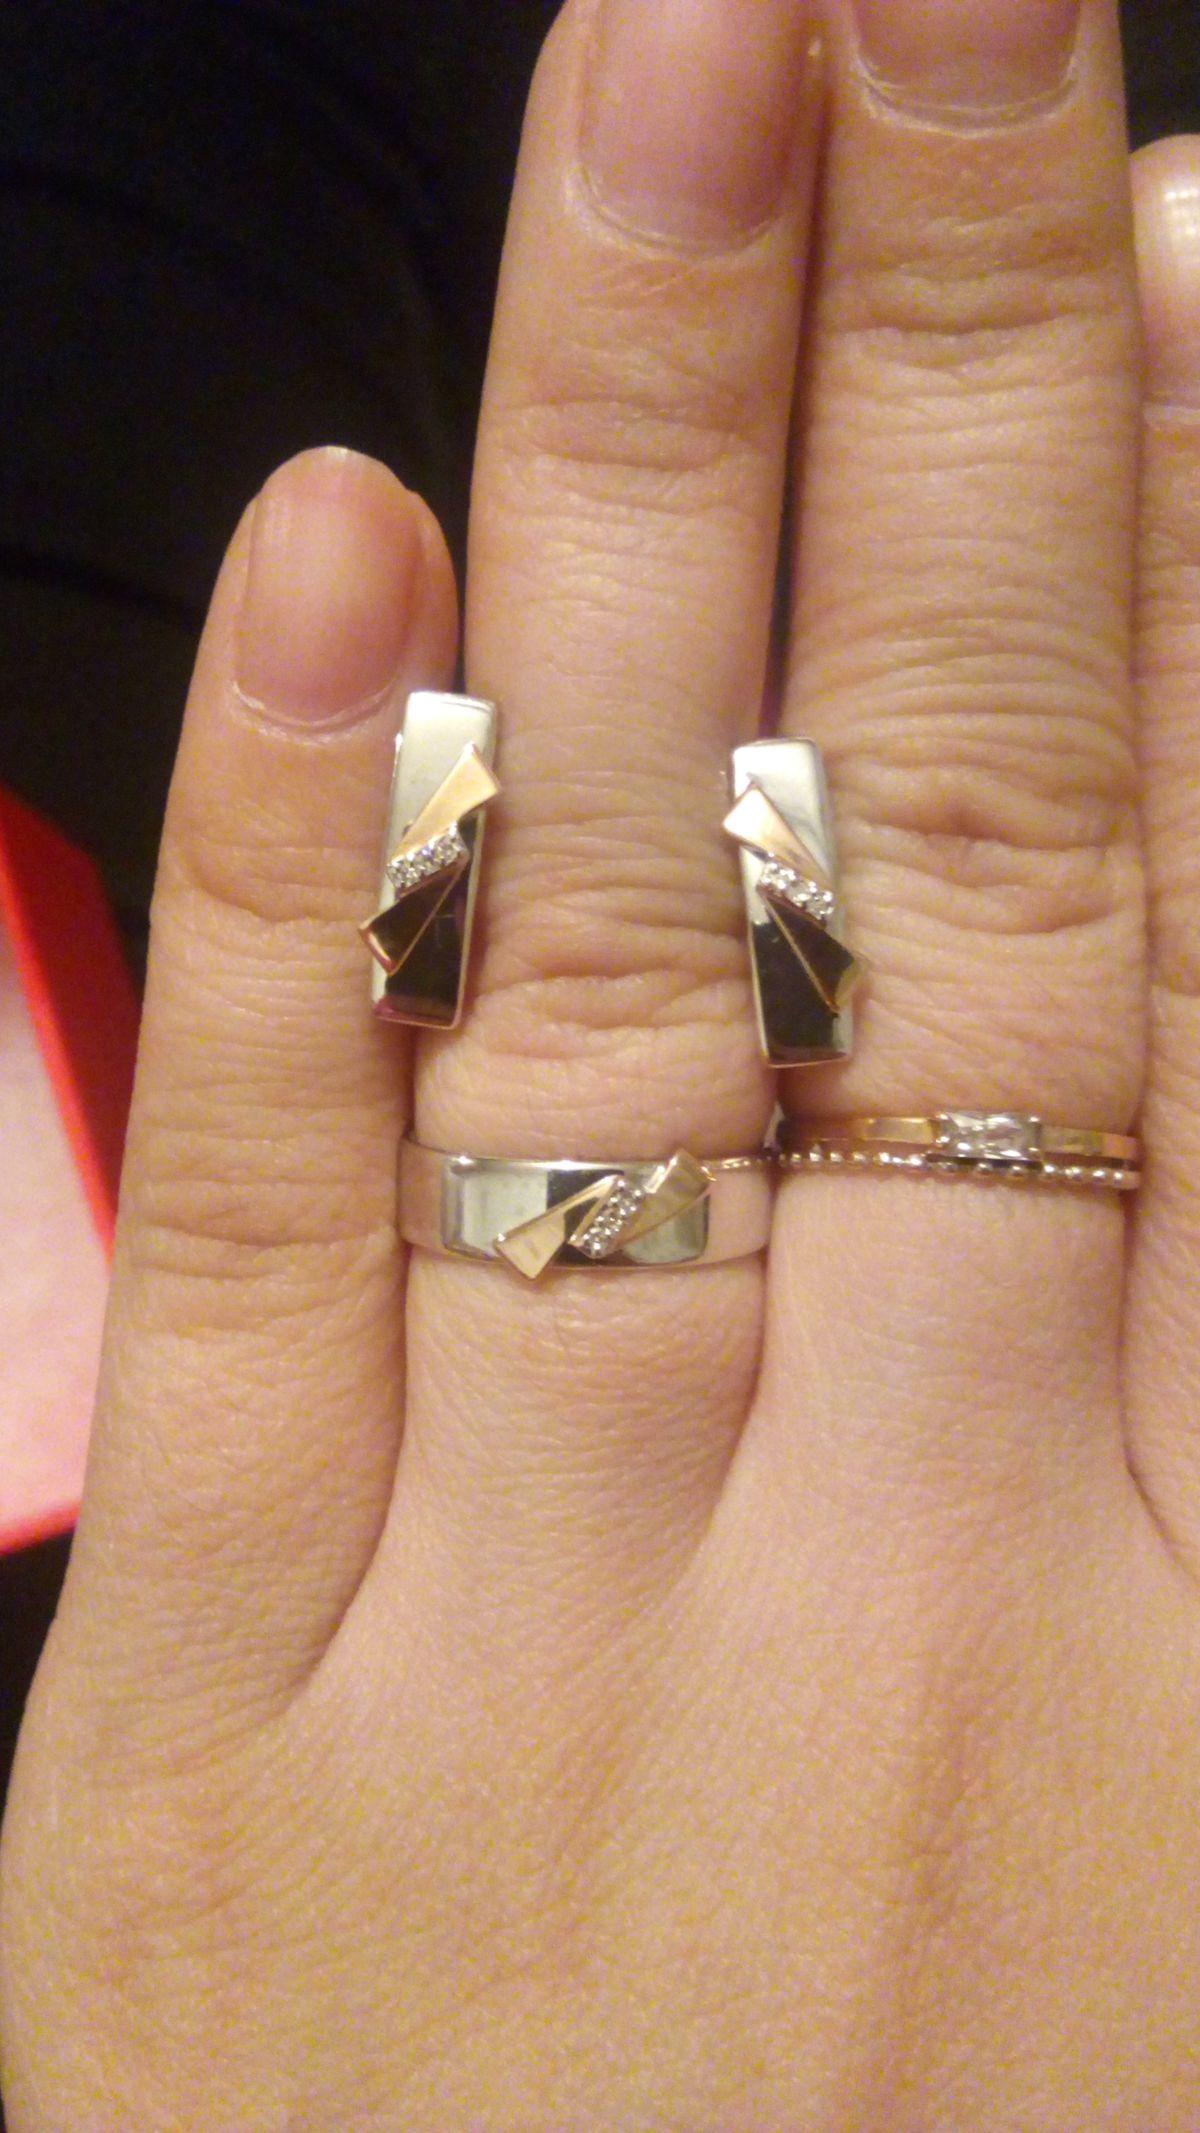 Очень красивый комплект! Толстое кольцо и сережки, при этом очень удобные.